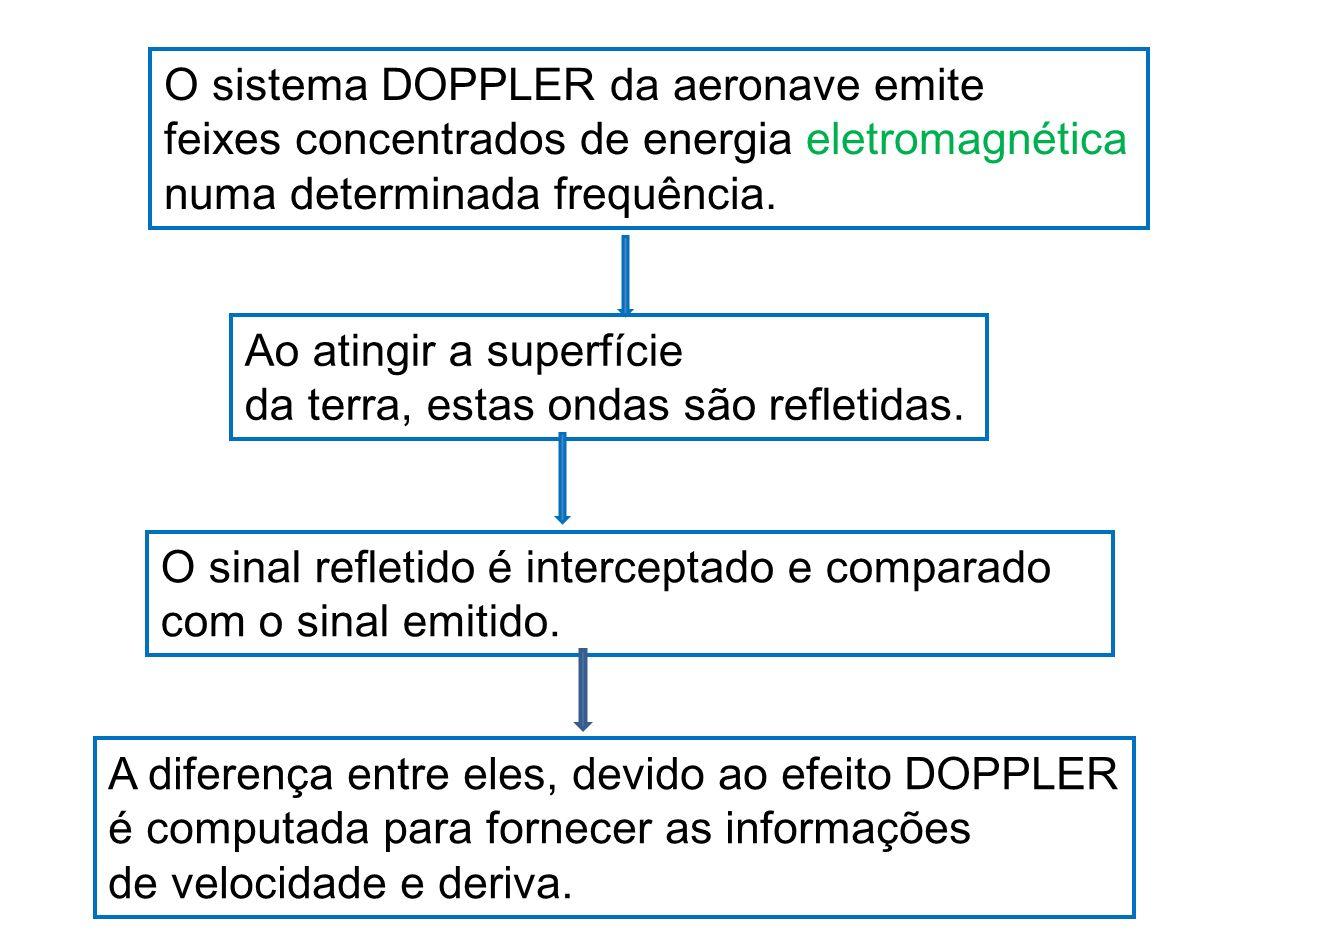 EFEITO DOPPLER O Efeito Doppler é uma característica observada nas ondas quando emitidas ou refletidas por um objeto que está em movimento com relação ao observador.